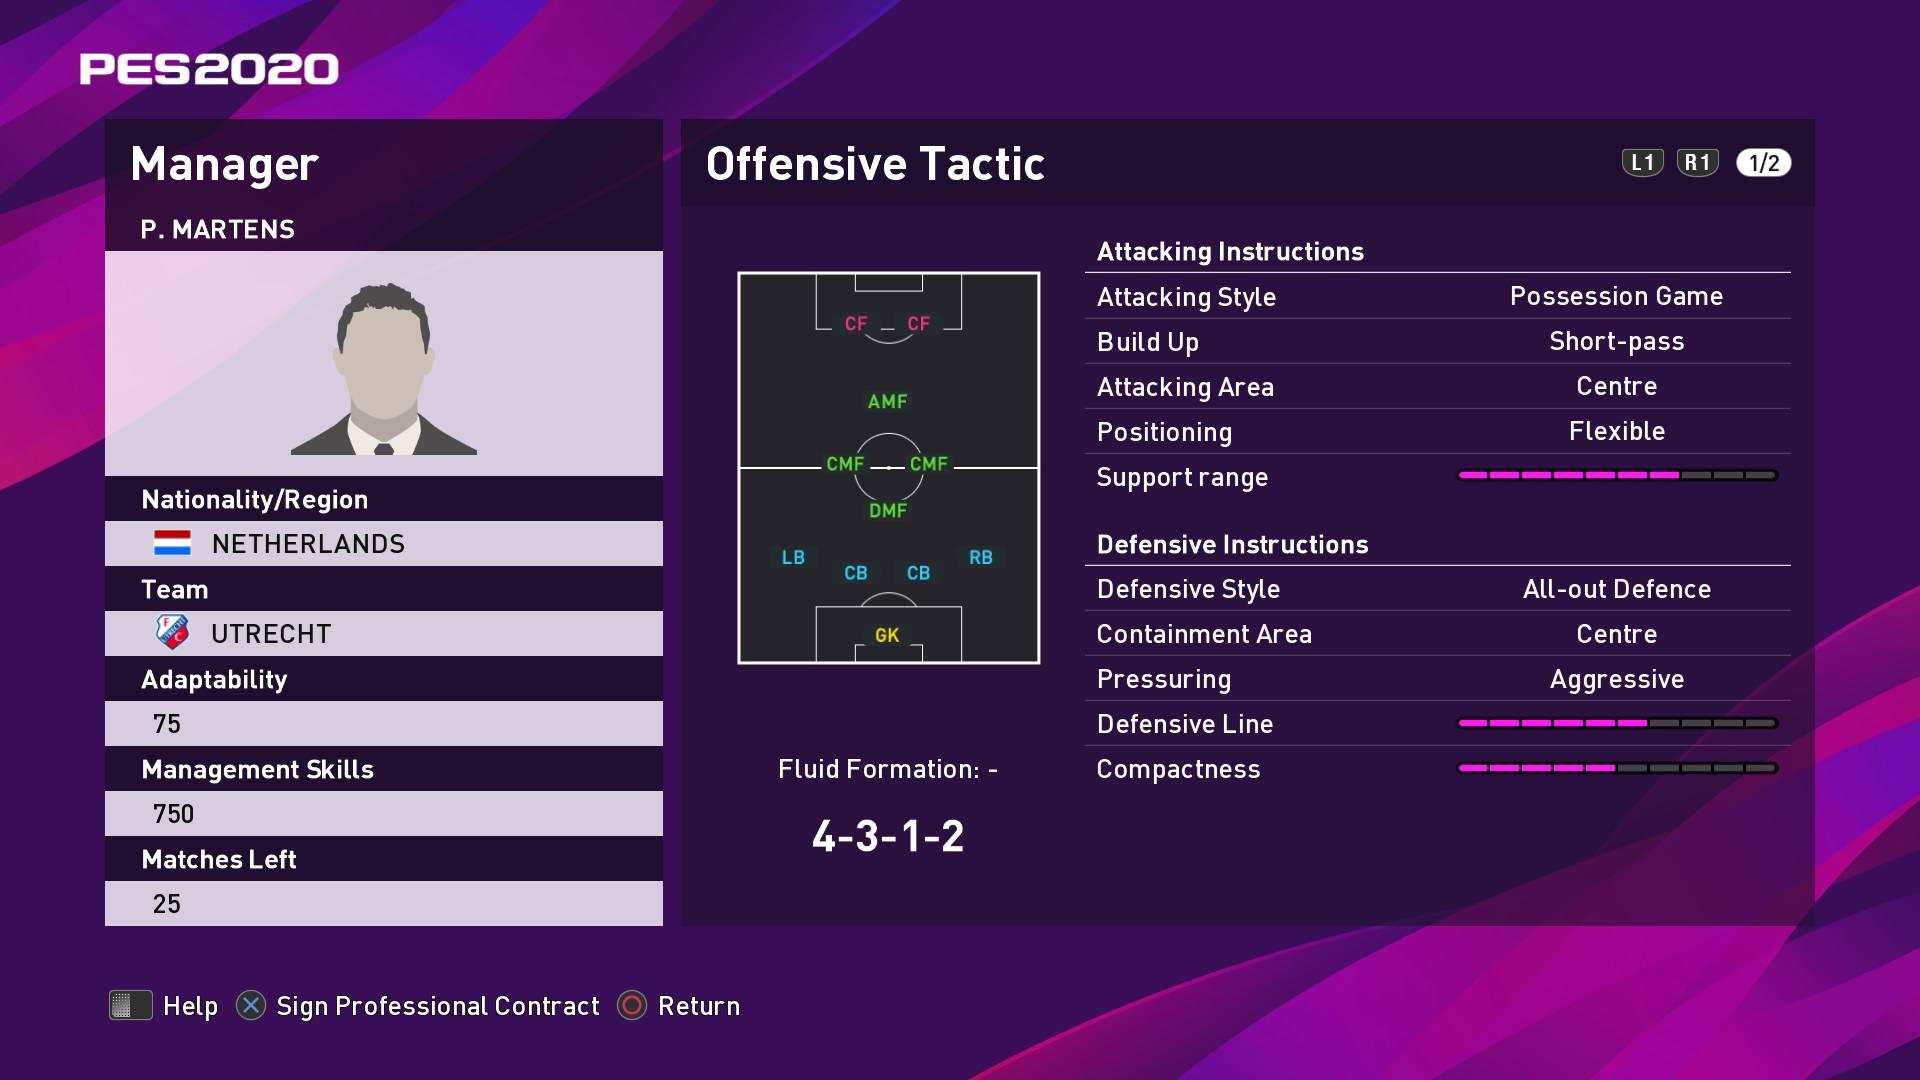 P. Martens (2) (John van den Brom) Offensive Tactic in PES 2020 myClub